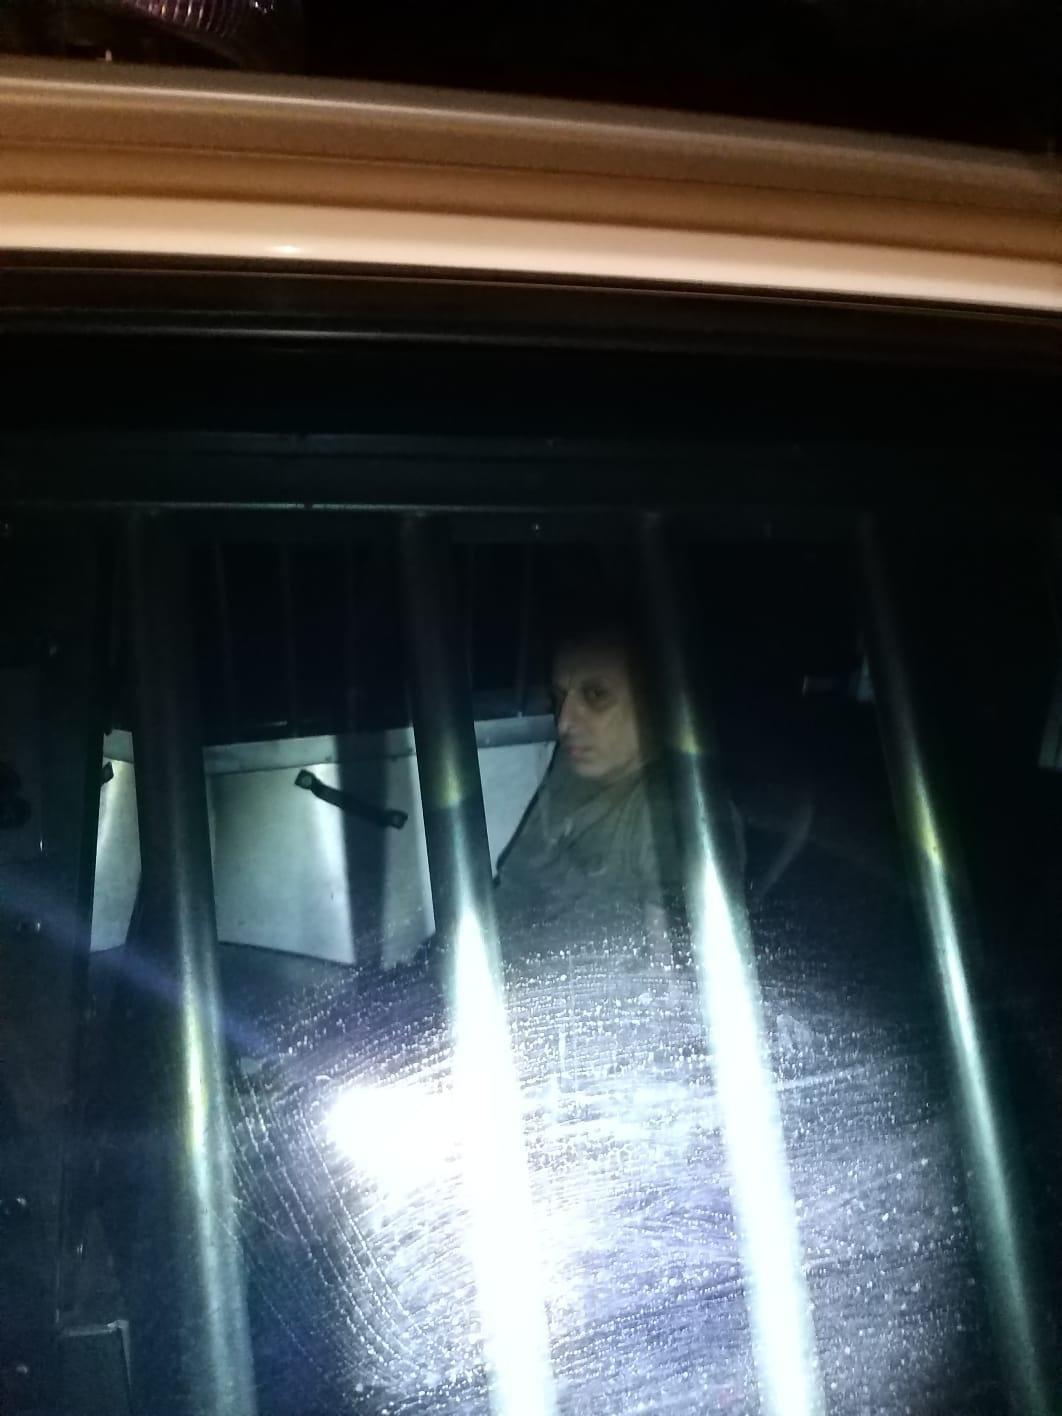 (فيديو) الناصرة: اعتقال إثنين من الأسرى بعد التبليغ عنهم من متطوع عربيّ في الشرطة!-2